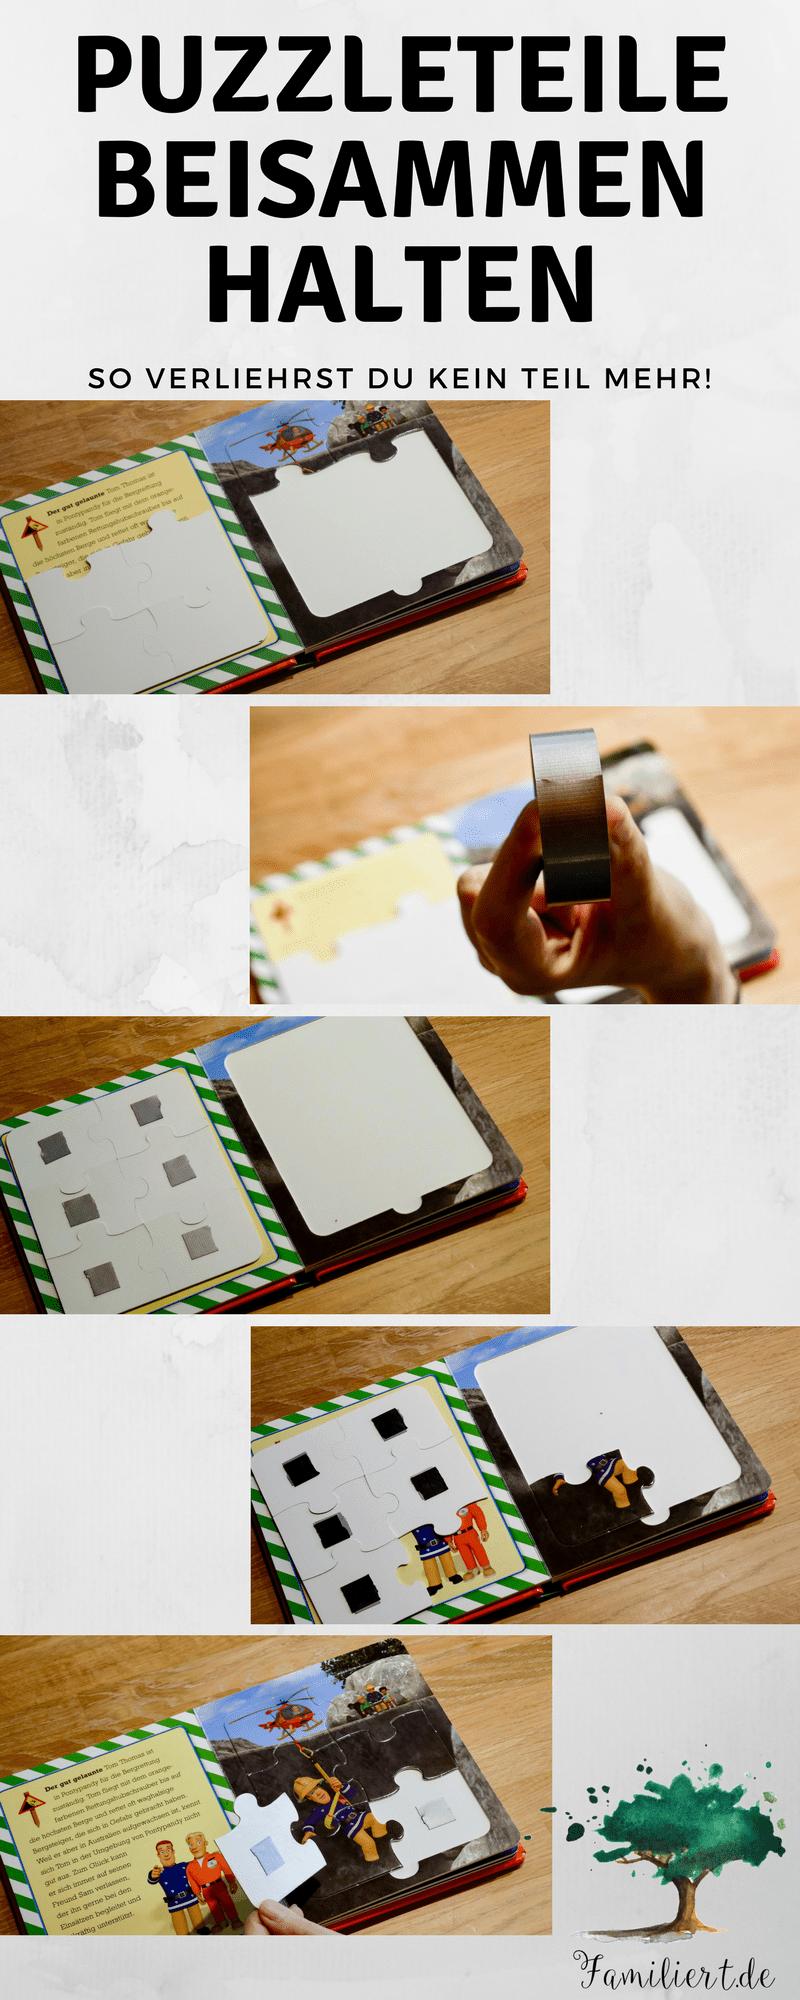 Keine Puzzleteile verlieren | Puzzleaufbewahrung | Hack | Familiert.de